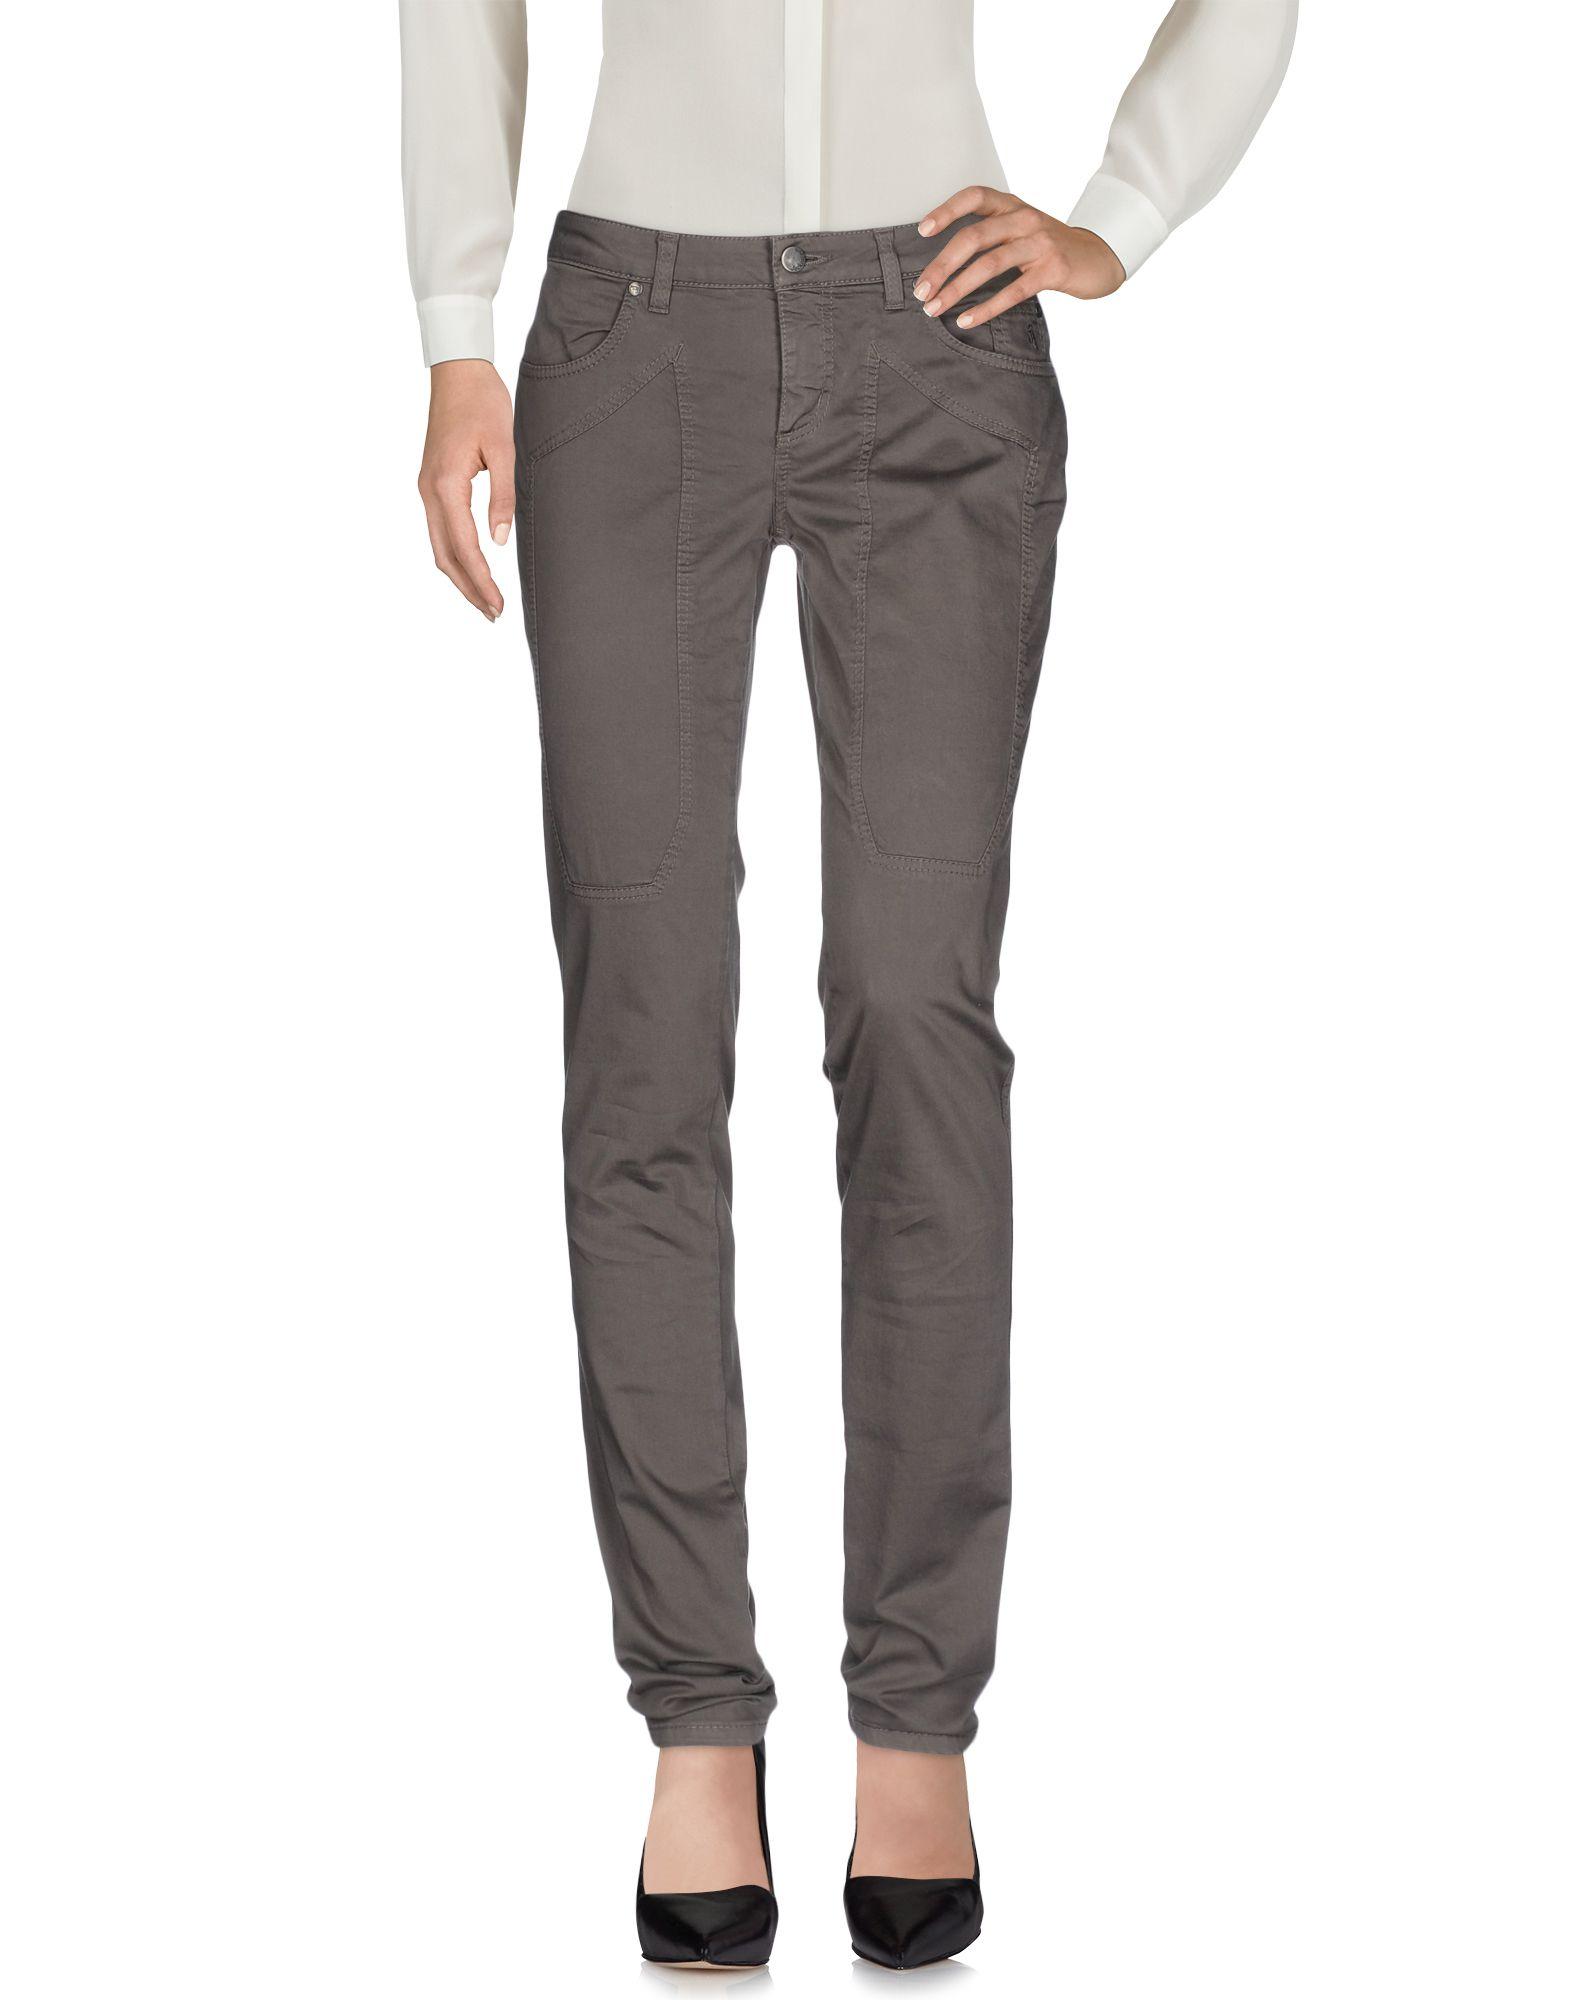 Pantalone Jeckerson donna - 36858604JU 36858604JU 36858604JU 465